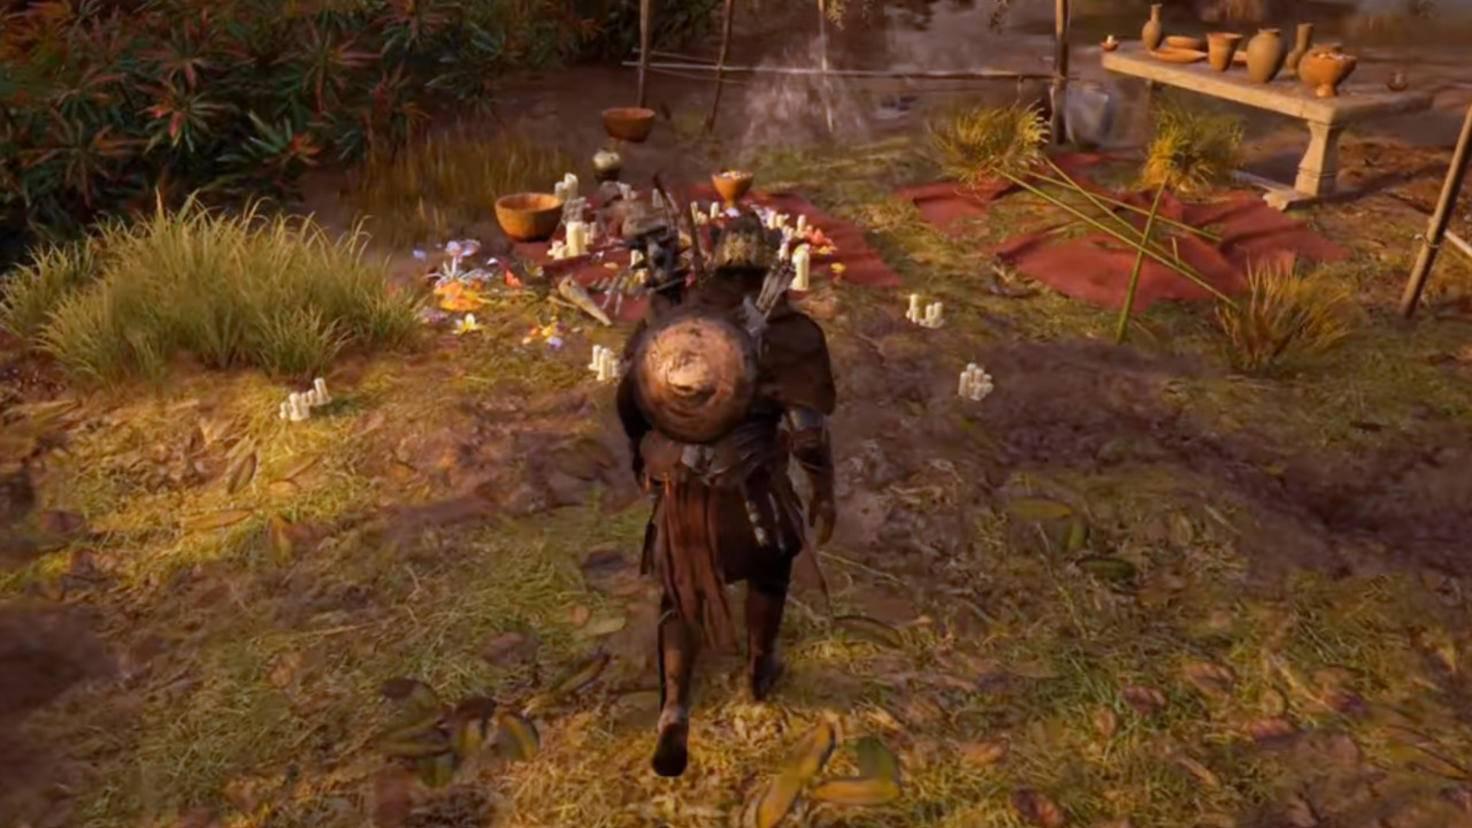 Schon besetzt: Auf der Decke in Nomos Herakleion liegt ein Toter. Macht aber nichts.